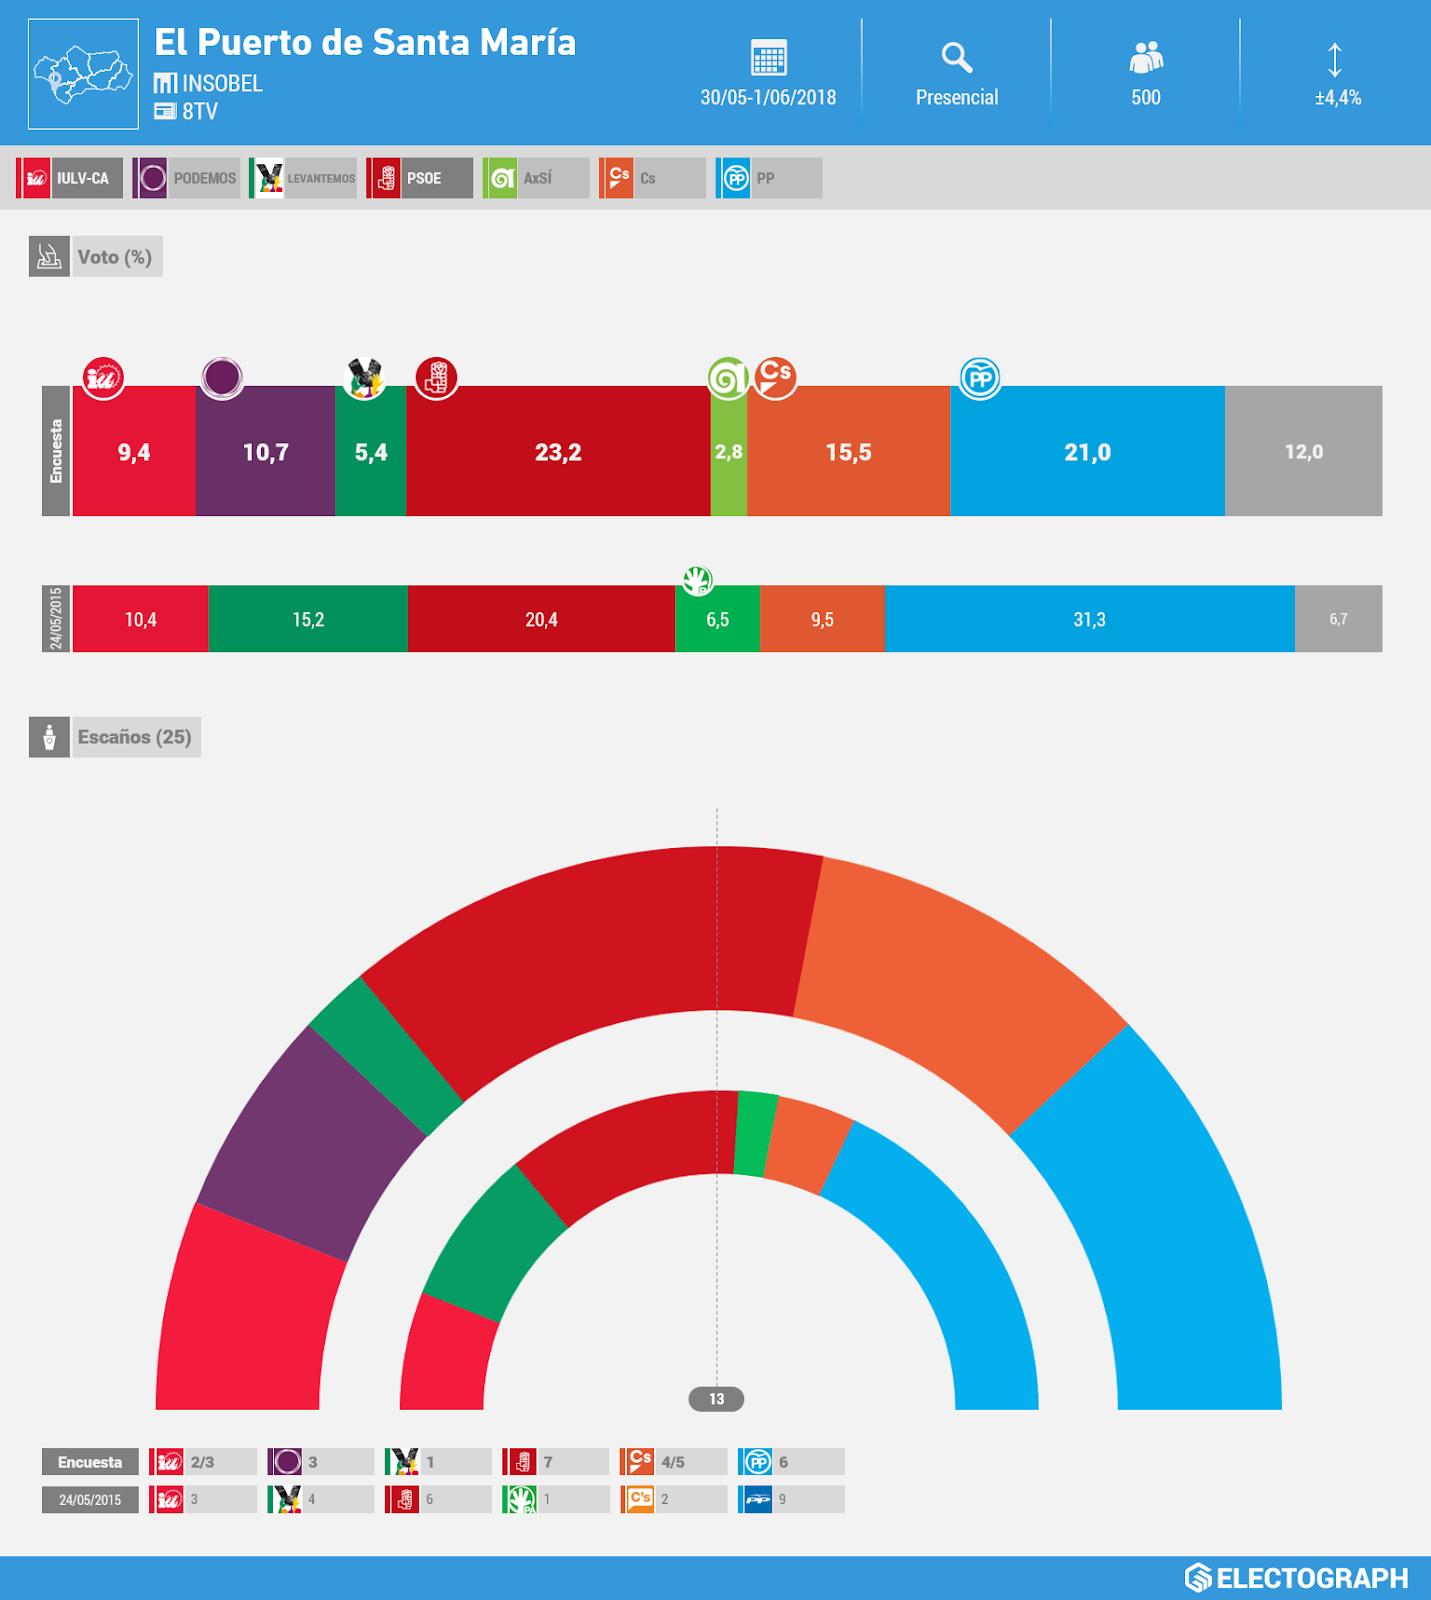 Gráfico de la encuesta para elecciones municipales en El Puerto de Santa María realizada por Insobel para 8TV en junio de 2018